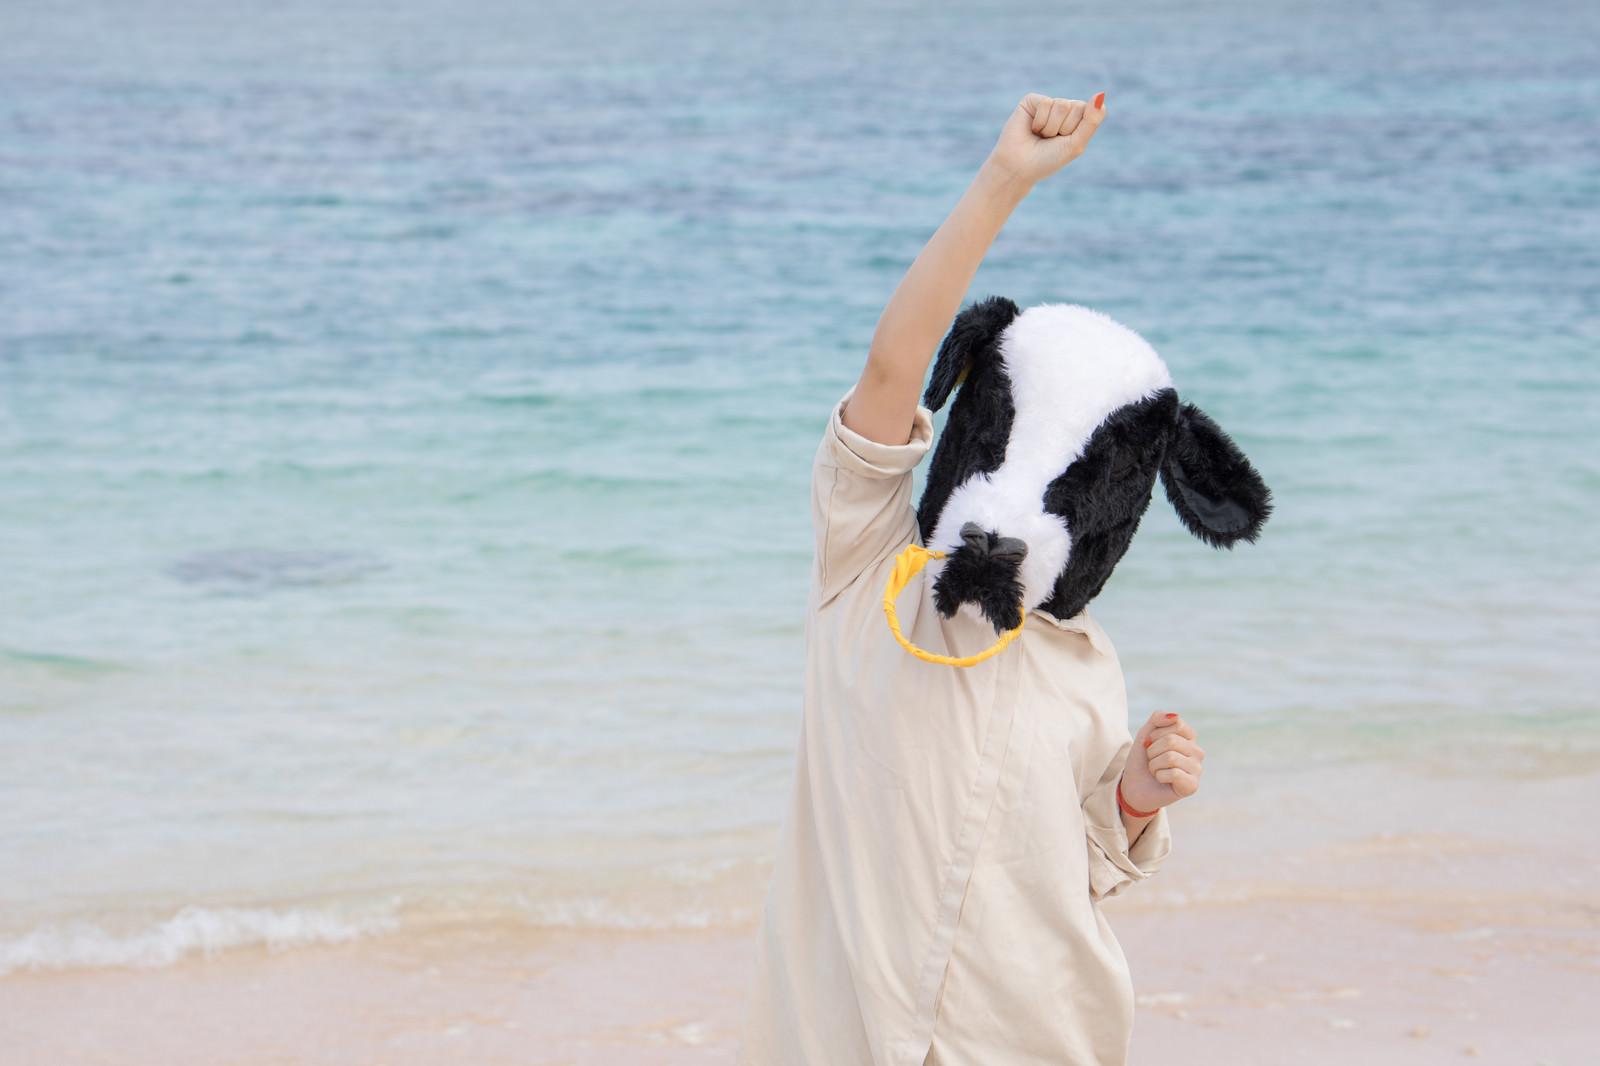 「宮古島の透き通る海を見てテンションがあがる牛人間宮古島の透き通る海を見てテンションがあがる牛人間」[モデル:古性のっち]のフリー写真素材を拡大